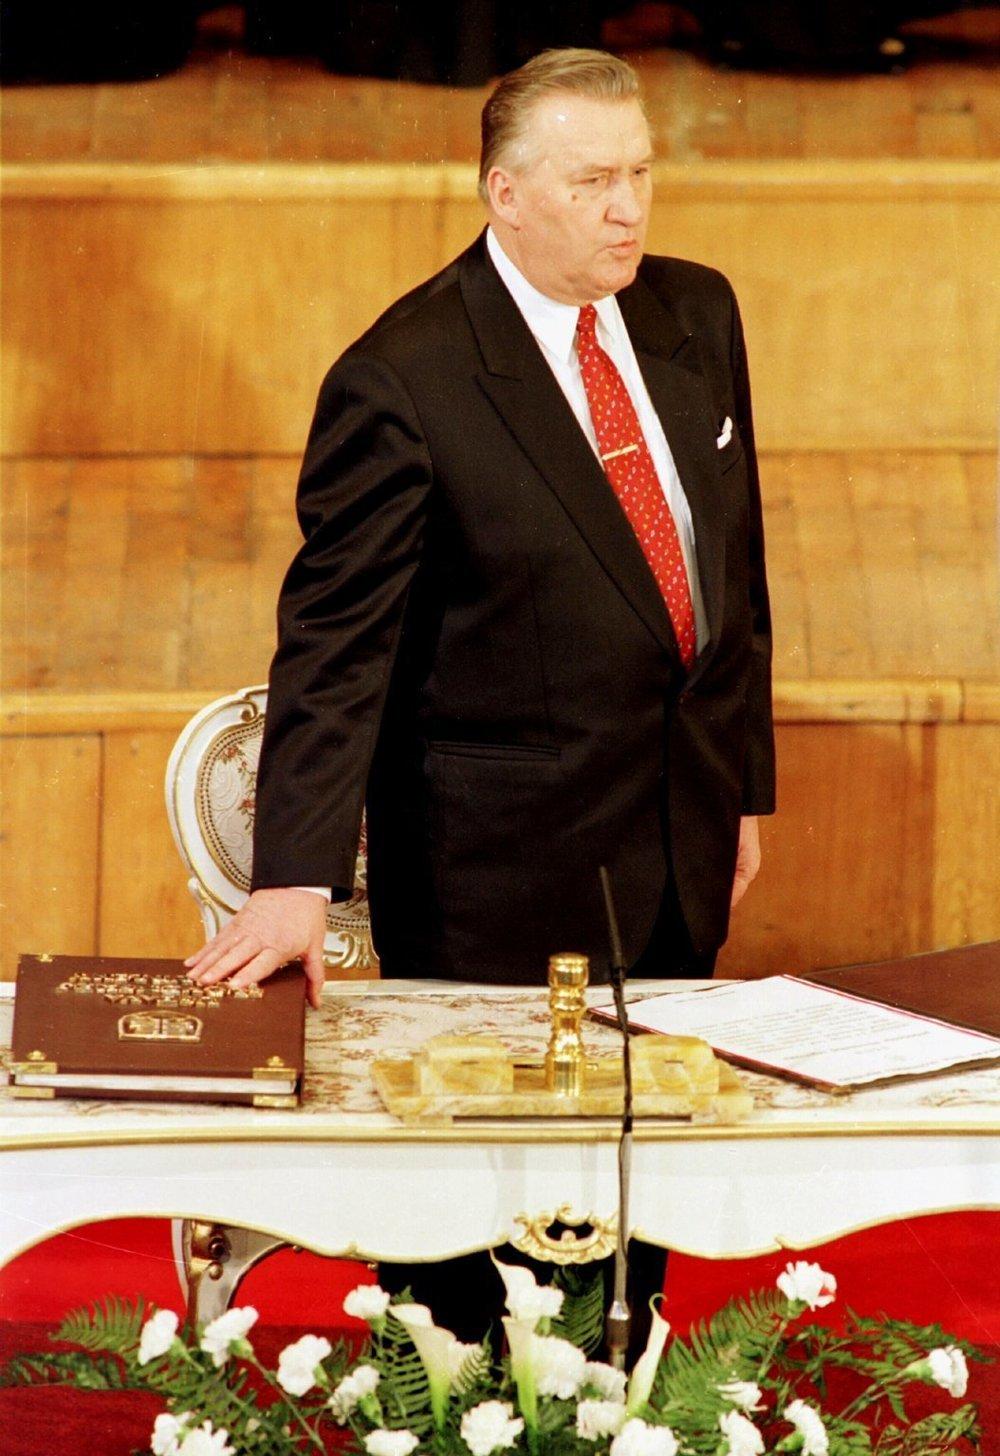 Prezident SR Michal Kováč skladá prezidentskú prísahu na Ústavu SR počas slávnostnej inaugurácie 2. marca 1993.